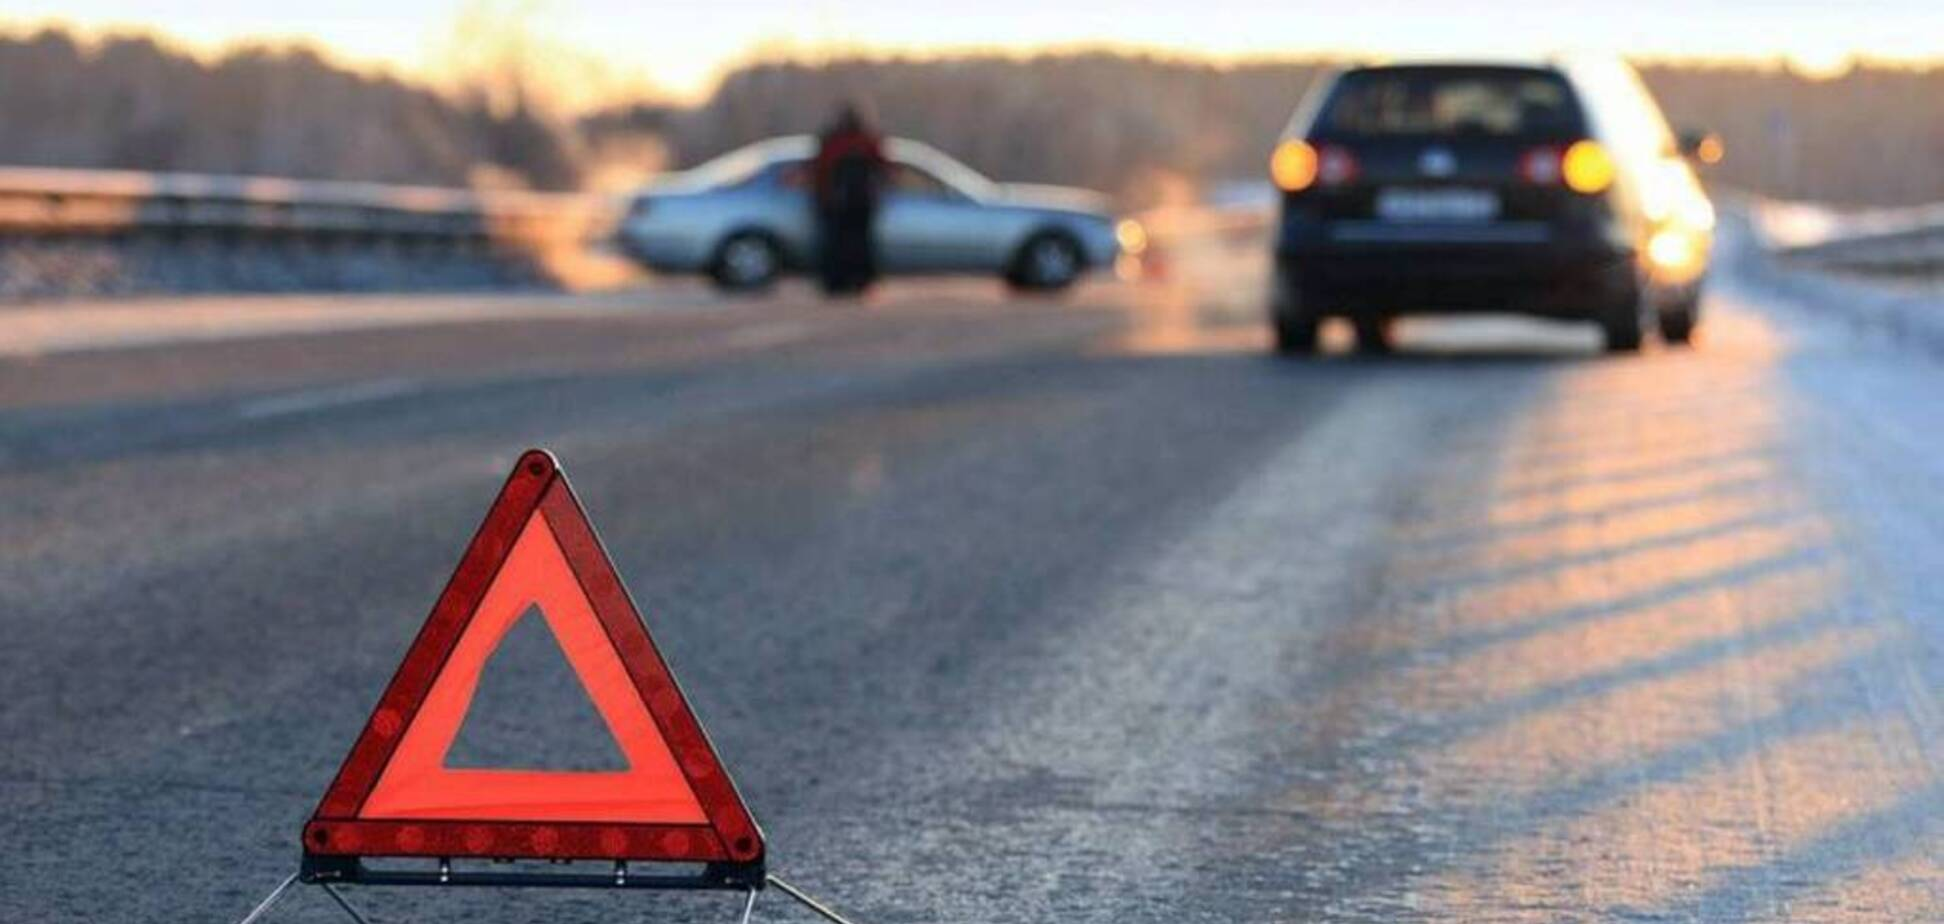 Параллельные пересеклись: под Днепром Opel протаранил едущий рядом 'ВАЗ'. Видео